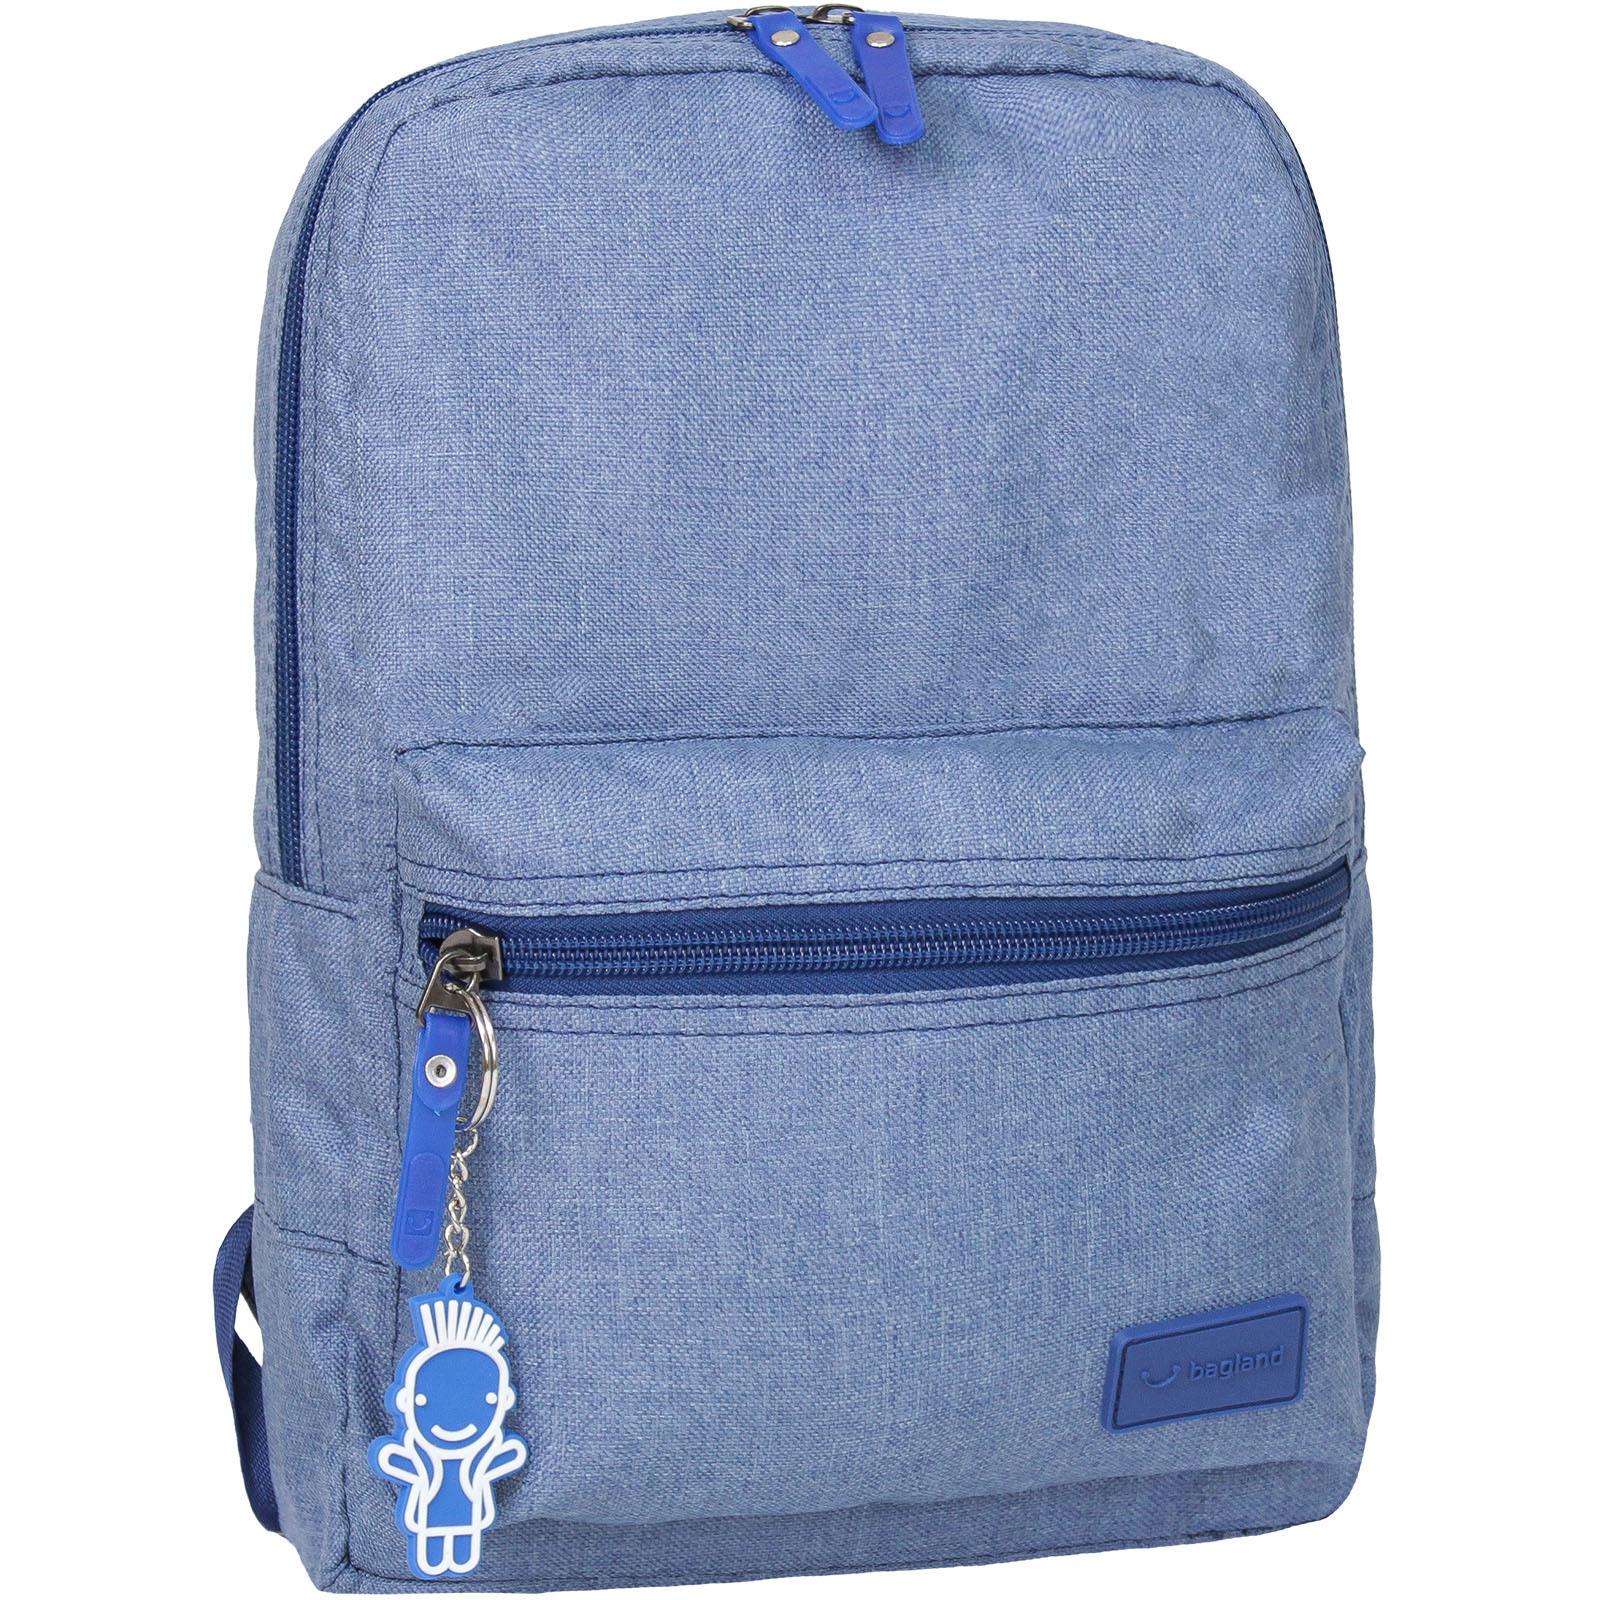 Детские рюкзаки Рюкзак Bagland Молодежный mini 8 л. Синий (0050869) IMG_8902-1600.jpg